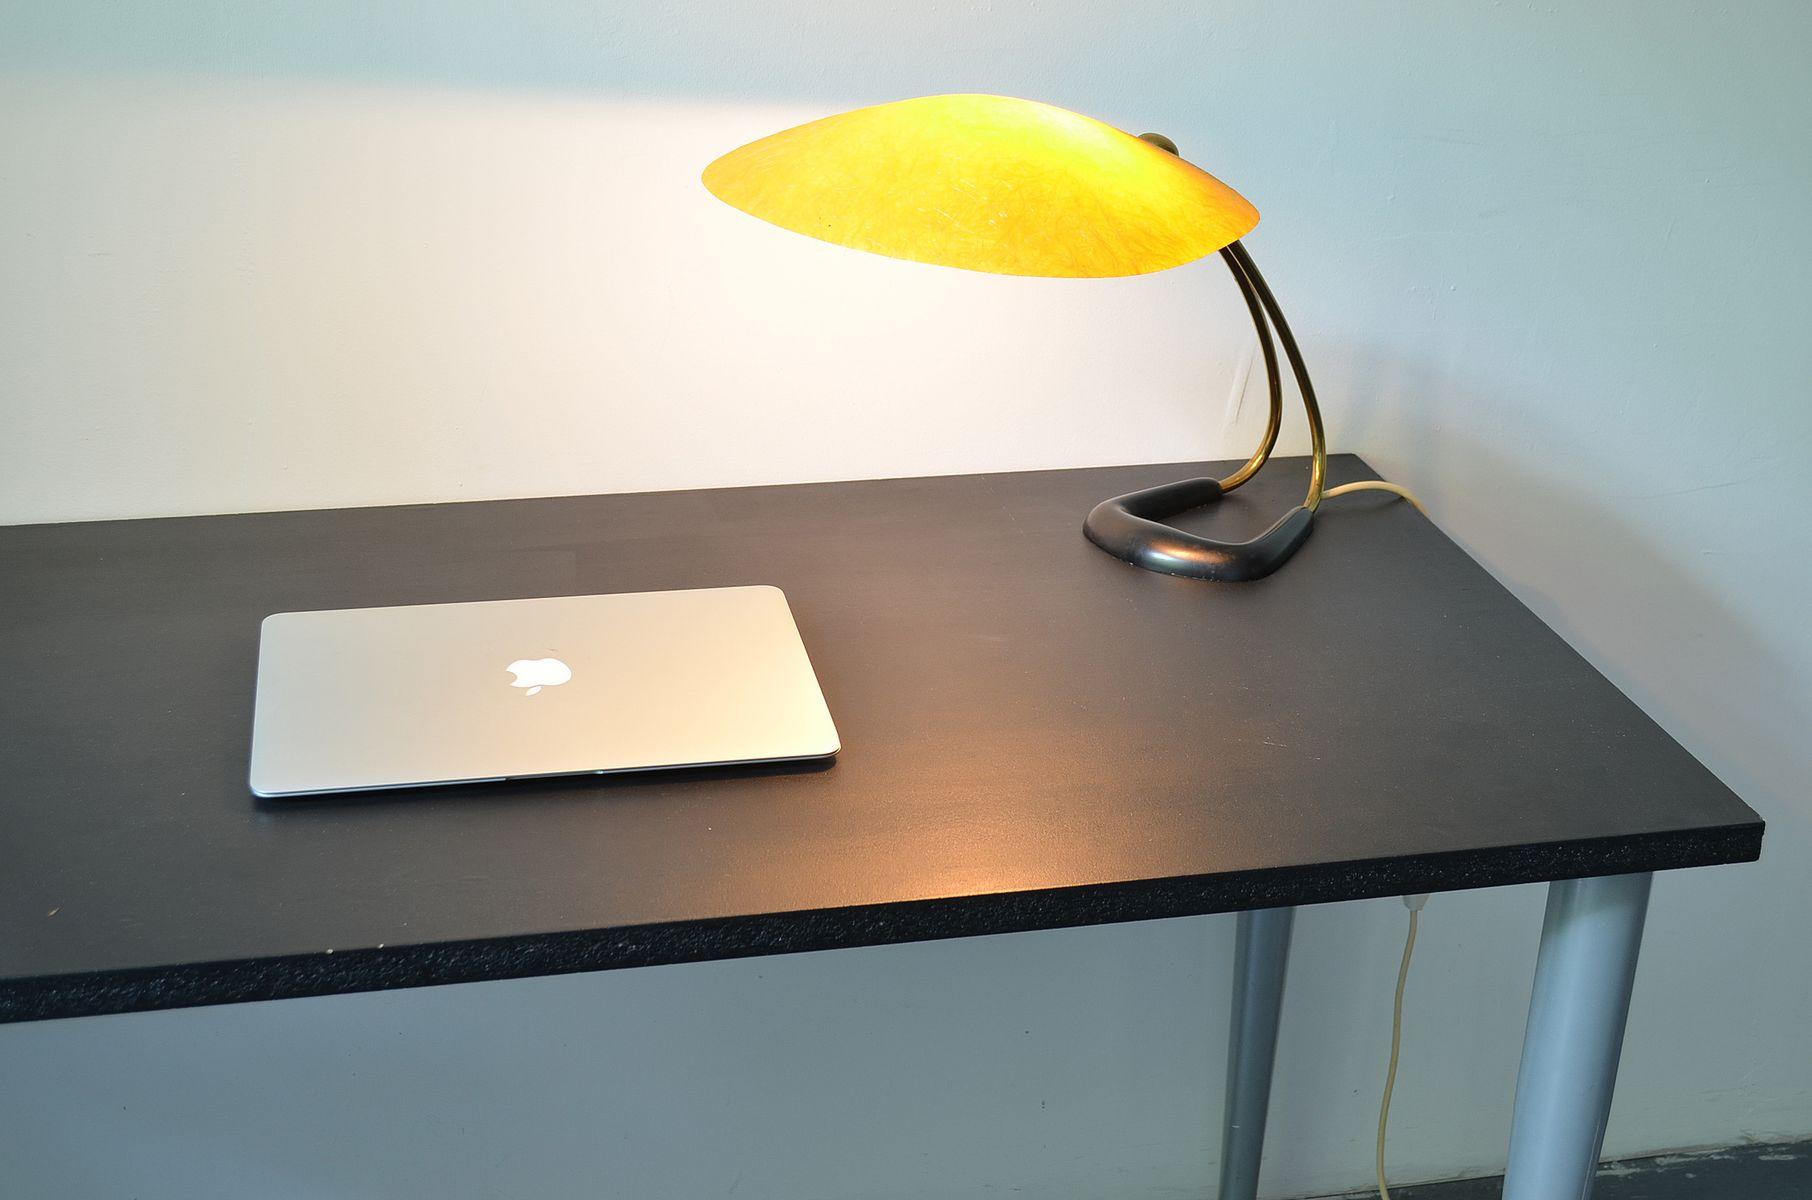 Lampe de bureau de carl aub ck 1958 en vente sur pamono - Lampe de bureau style anglais ...